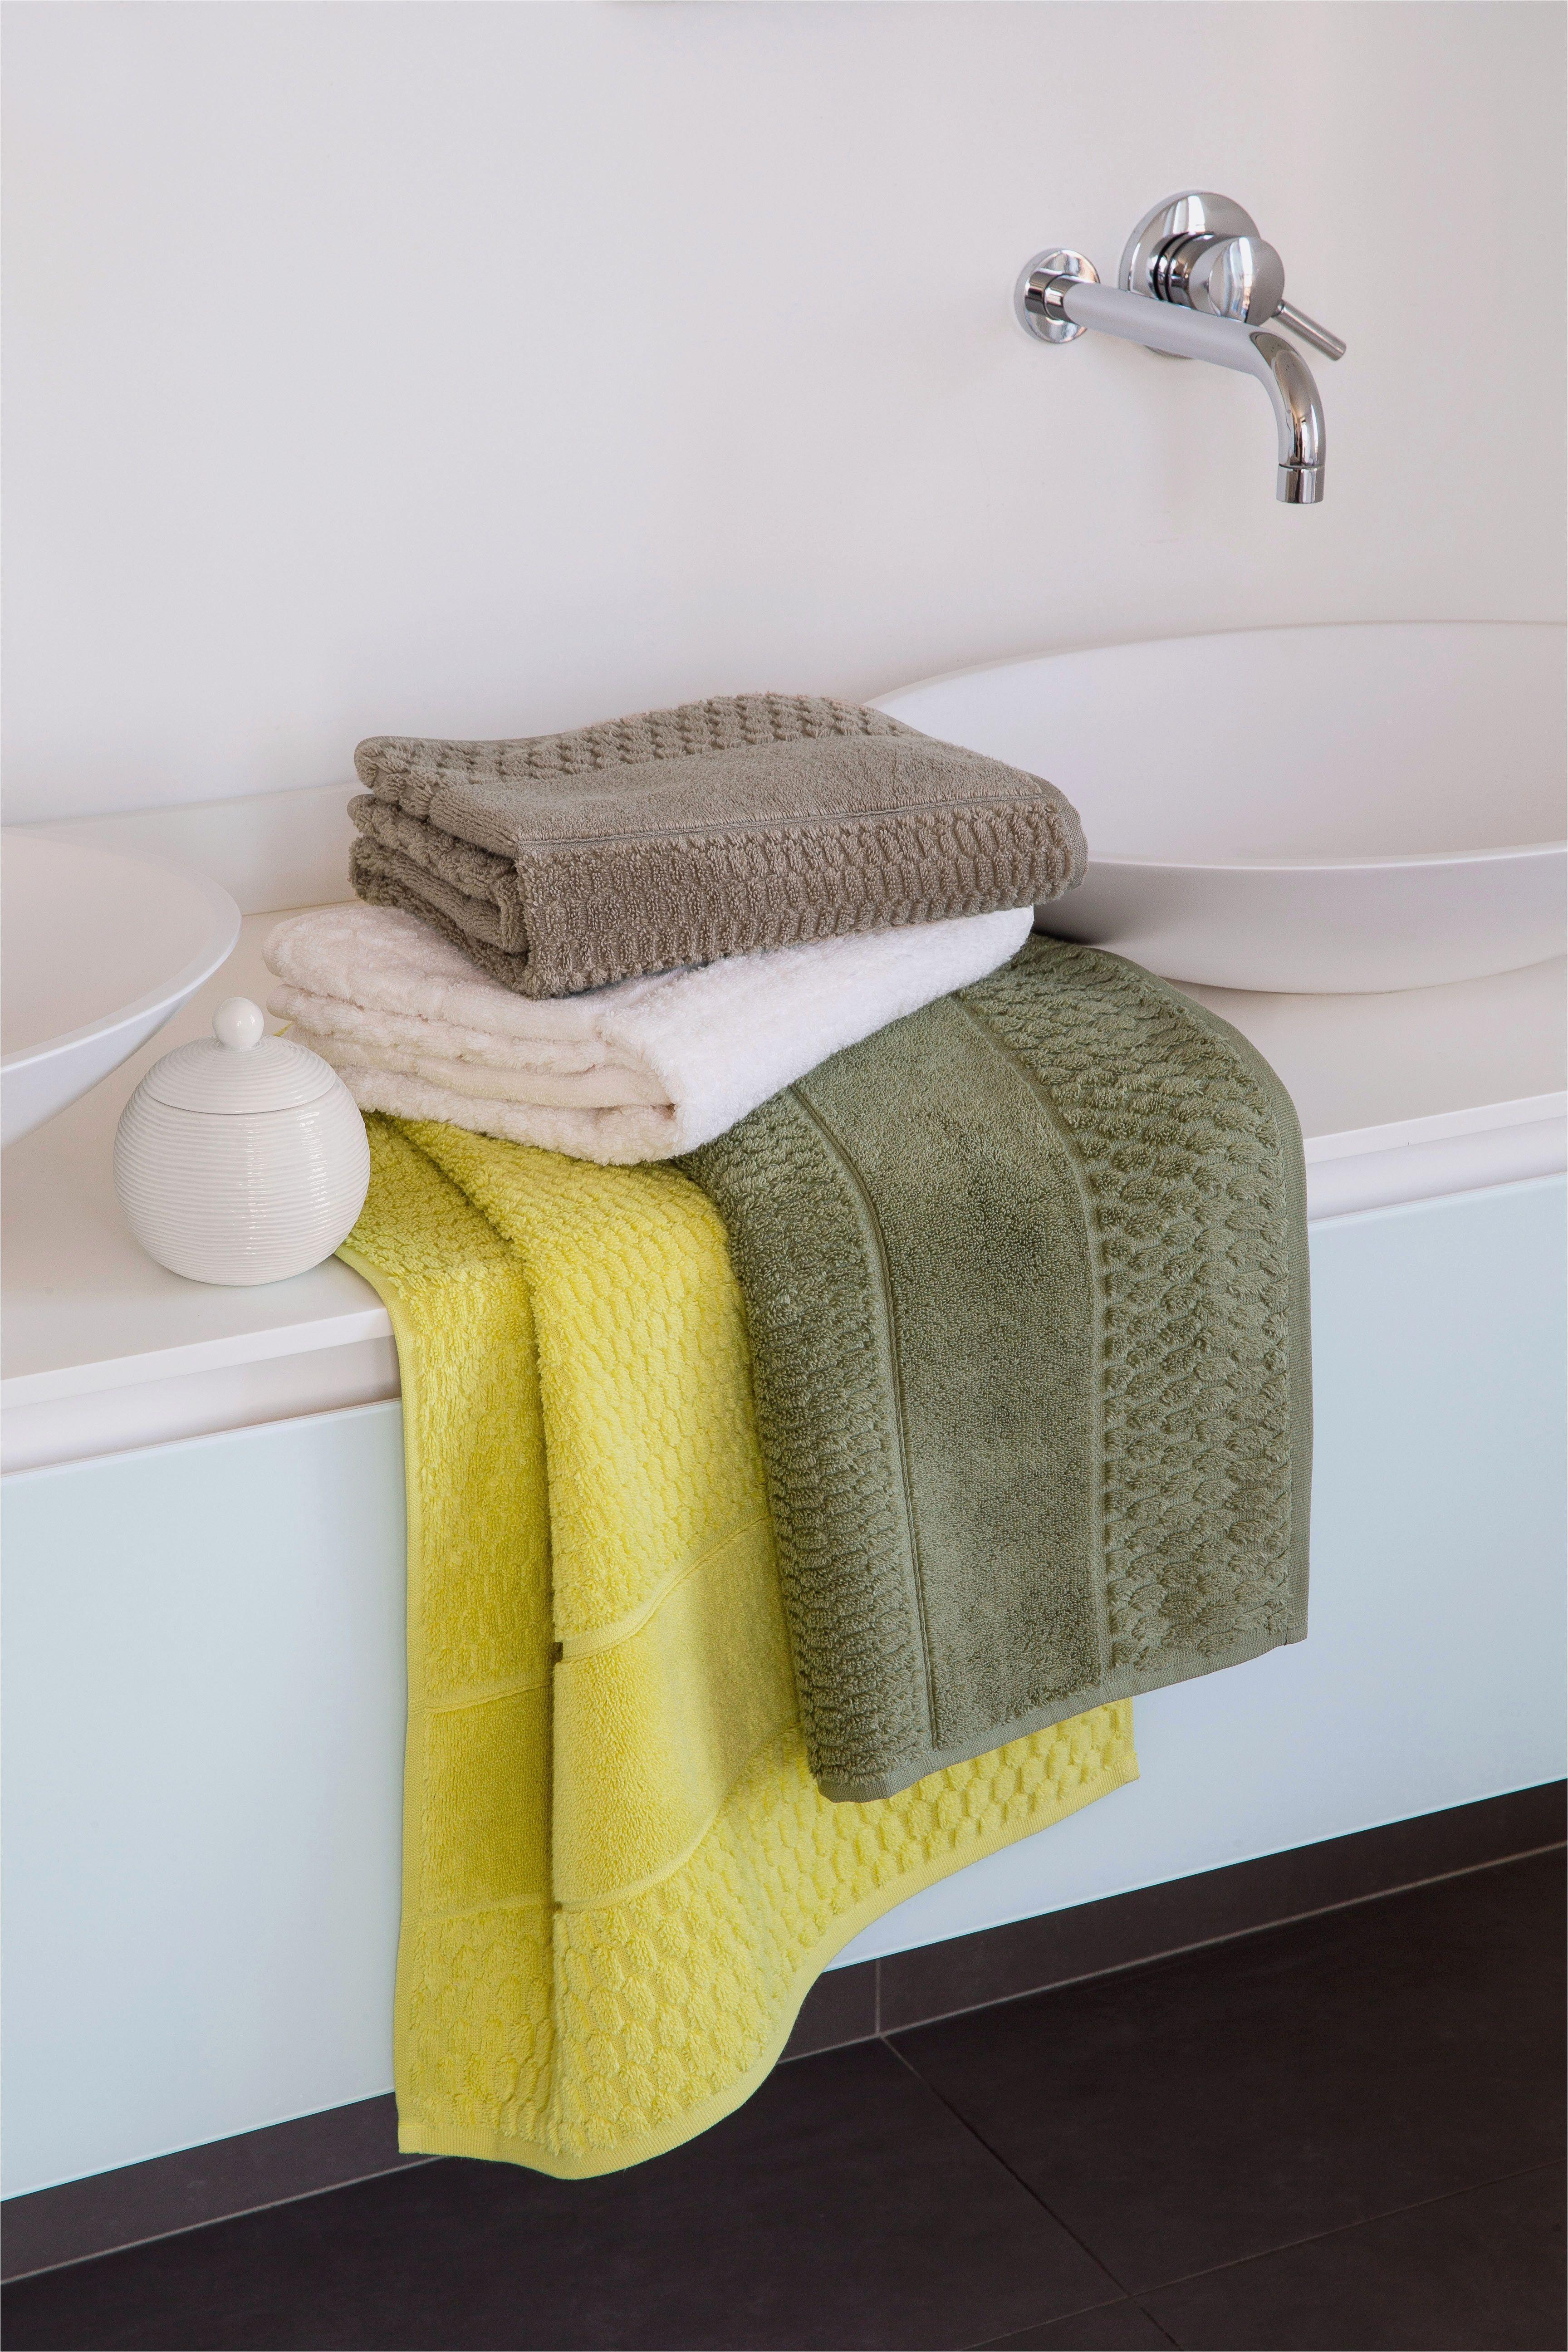 Awesome Drap Housse Carrefour Idées De Maison Bathroom